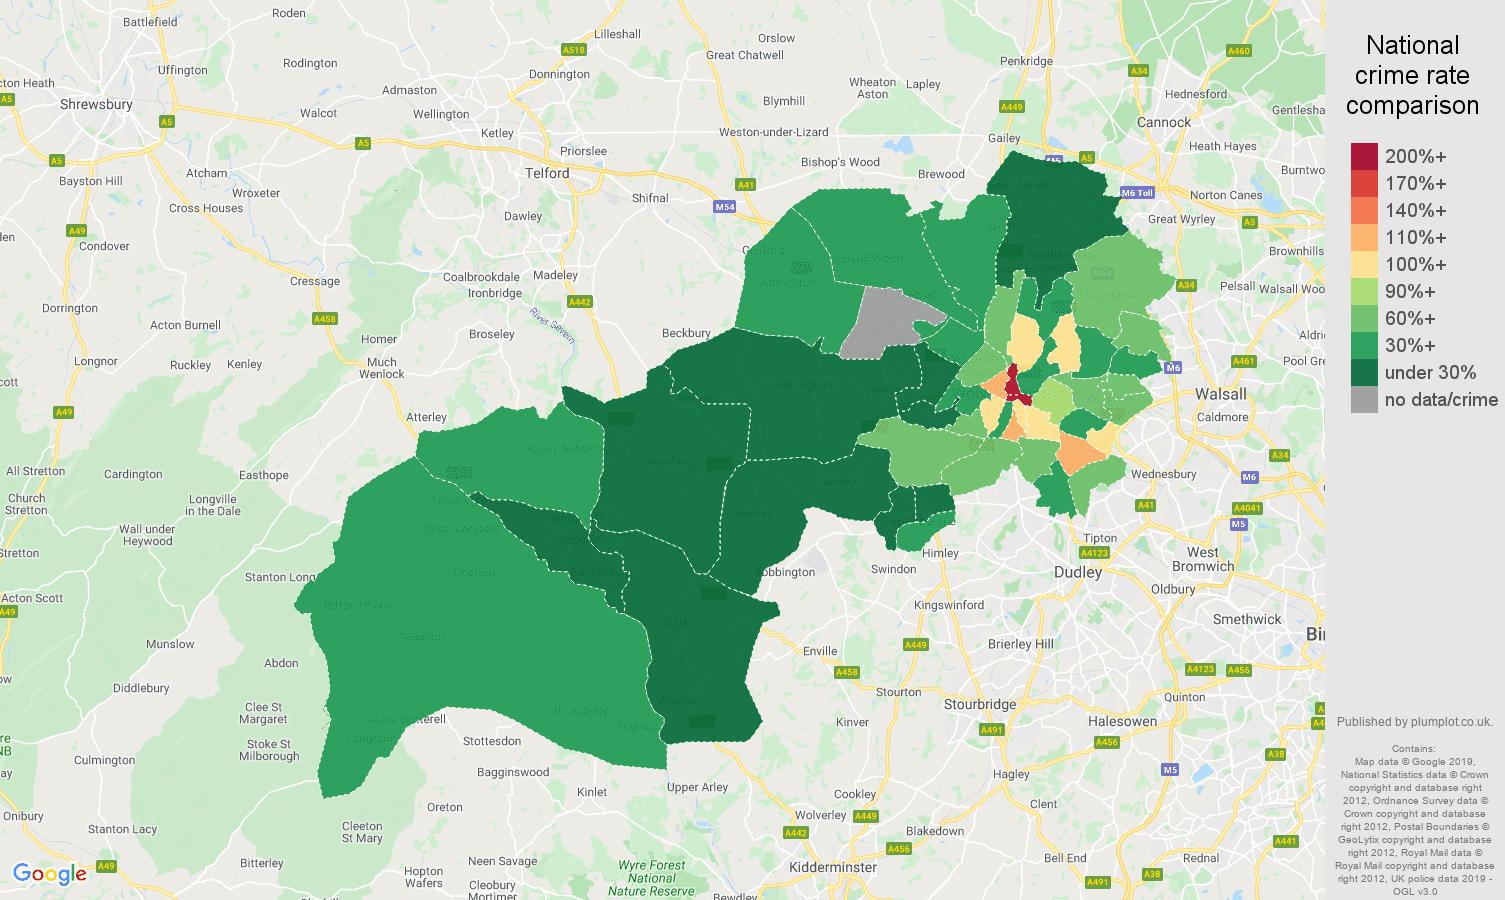 Wolverhampton public order crime rate comparison map